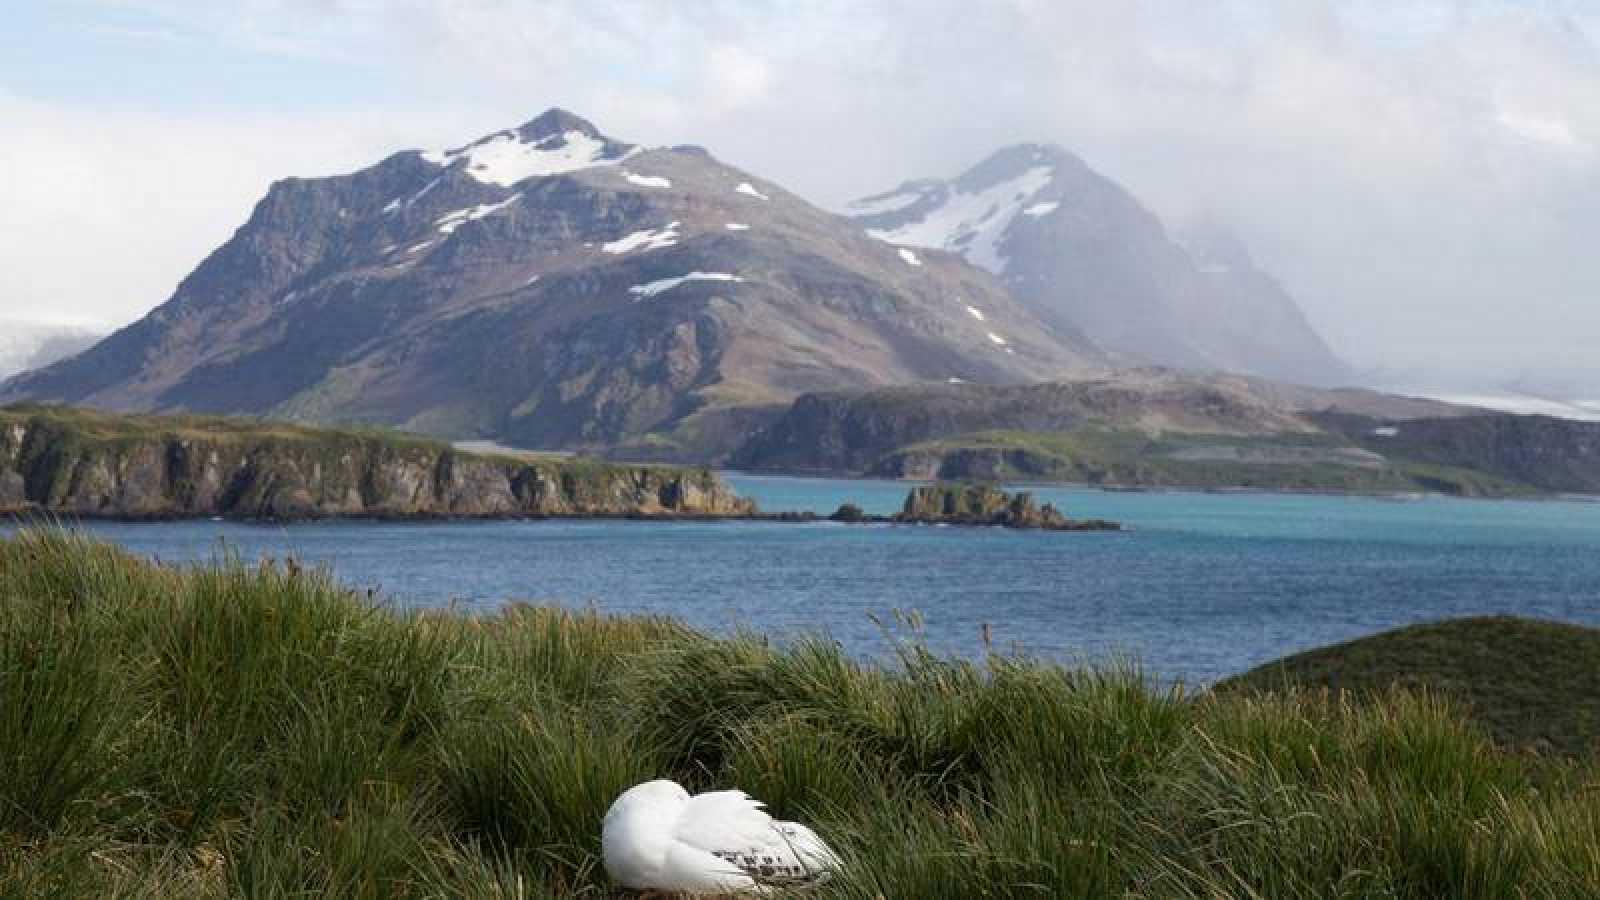 Imagen de Isla San Pedro o Georgia del Sur, la principal del archipiélago de las Islas Georgias del Sur.